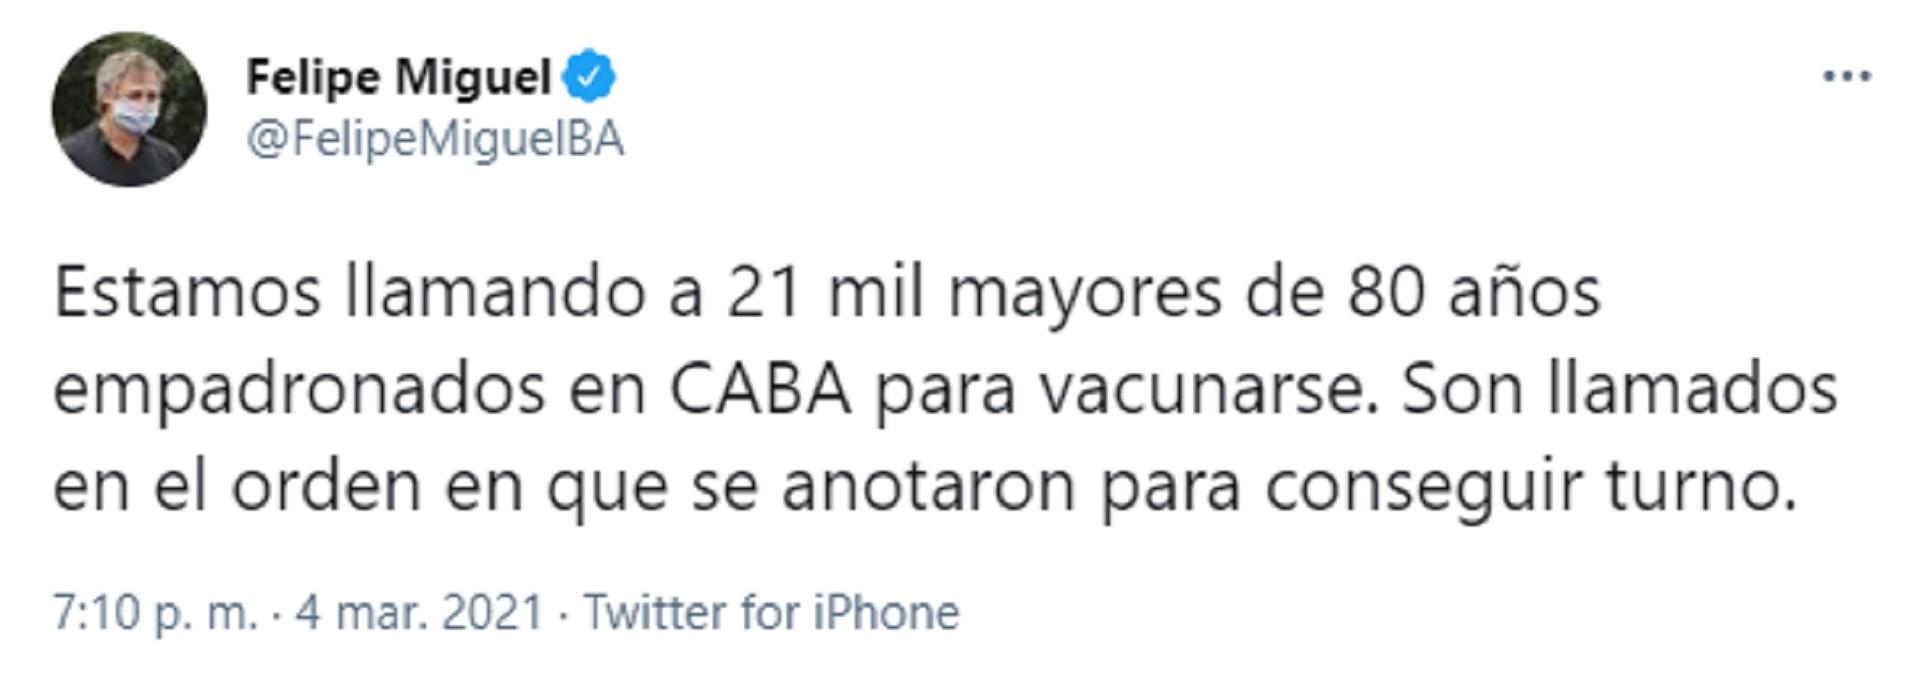 El tuit de Felipe Miguel